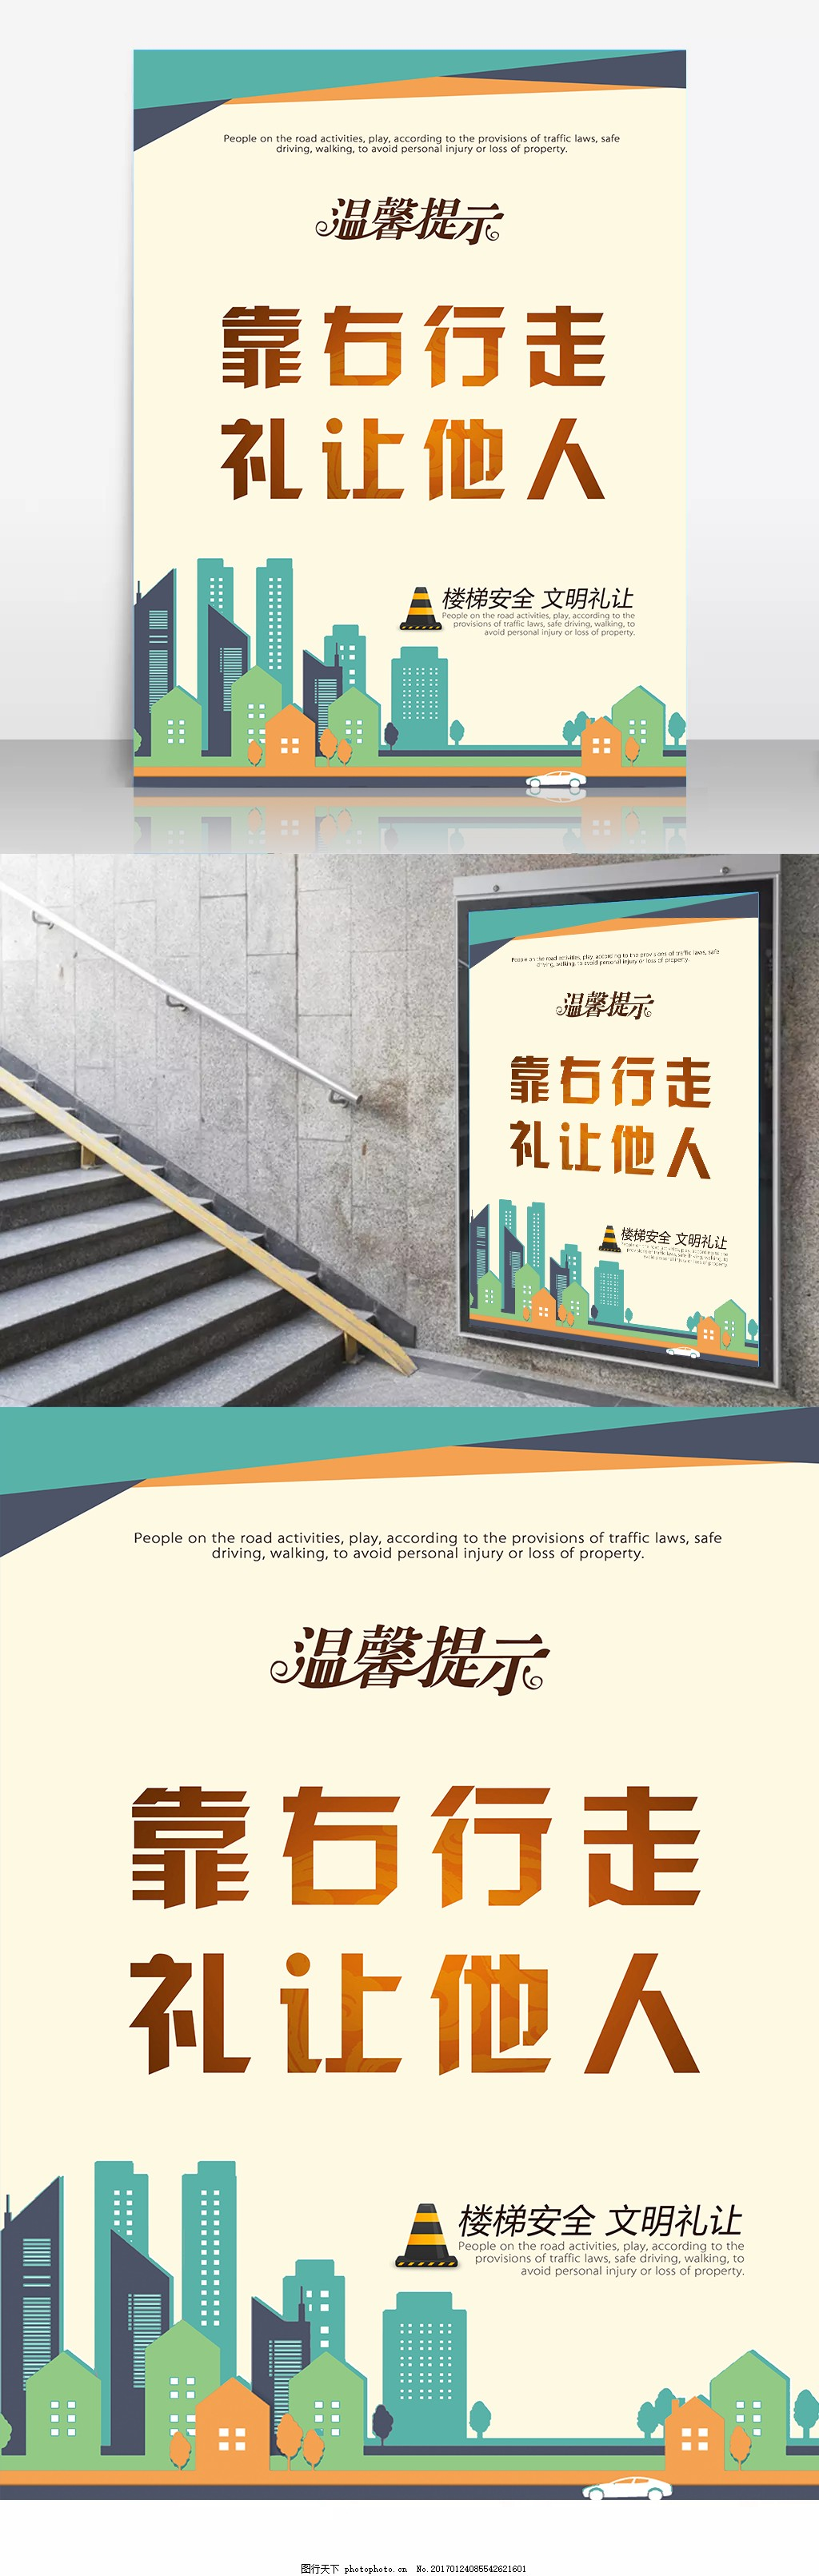 广告 楼道展板 交通安全 楼梯安全 文明礼让 公益海报 礼让 文明 建筑图片